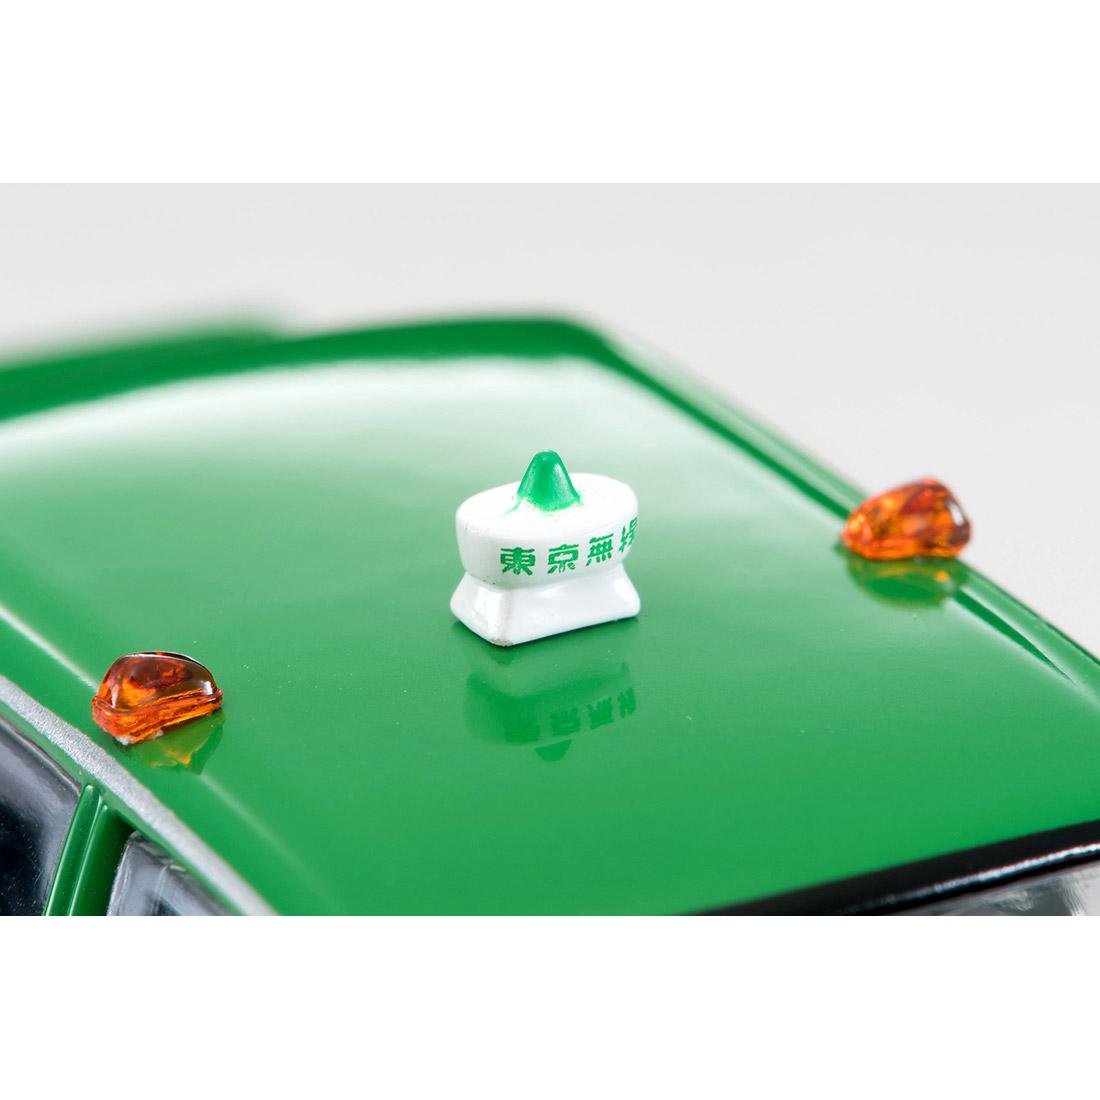 トミカリミテッド ヴィンテージ ネオ TLV-NEO『LV-N218a トヨタ クラウンコンフォート 東京無線タクシー(緑)』1/64 ミニカー-009